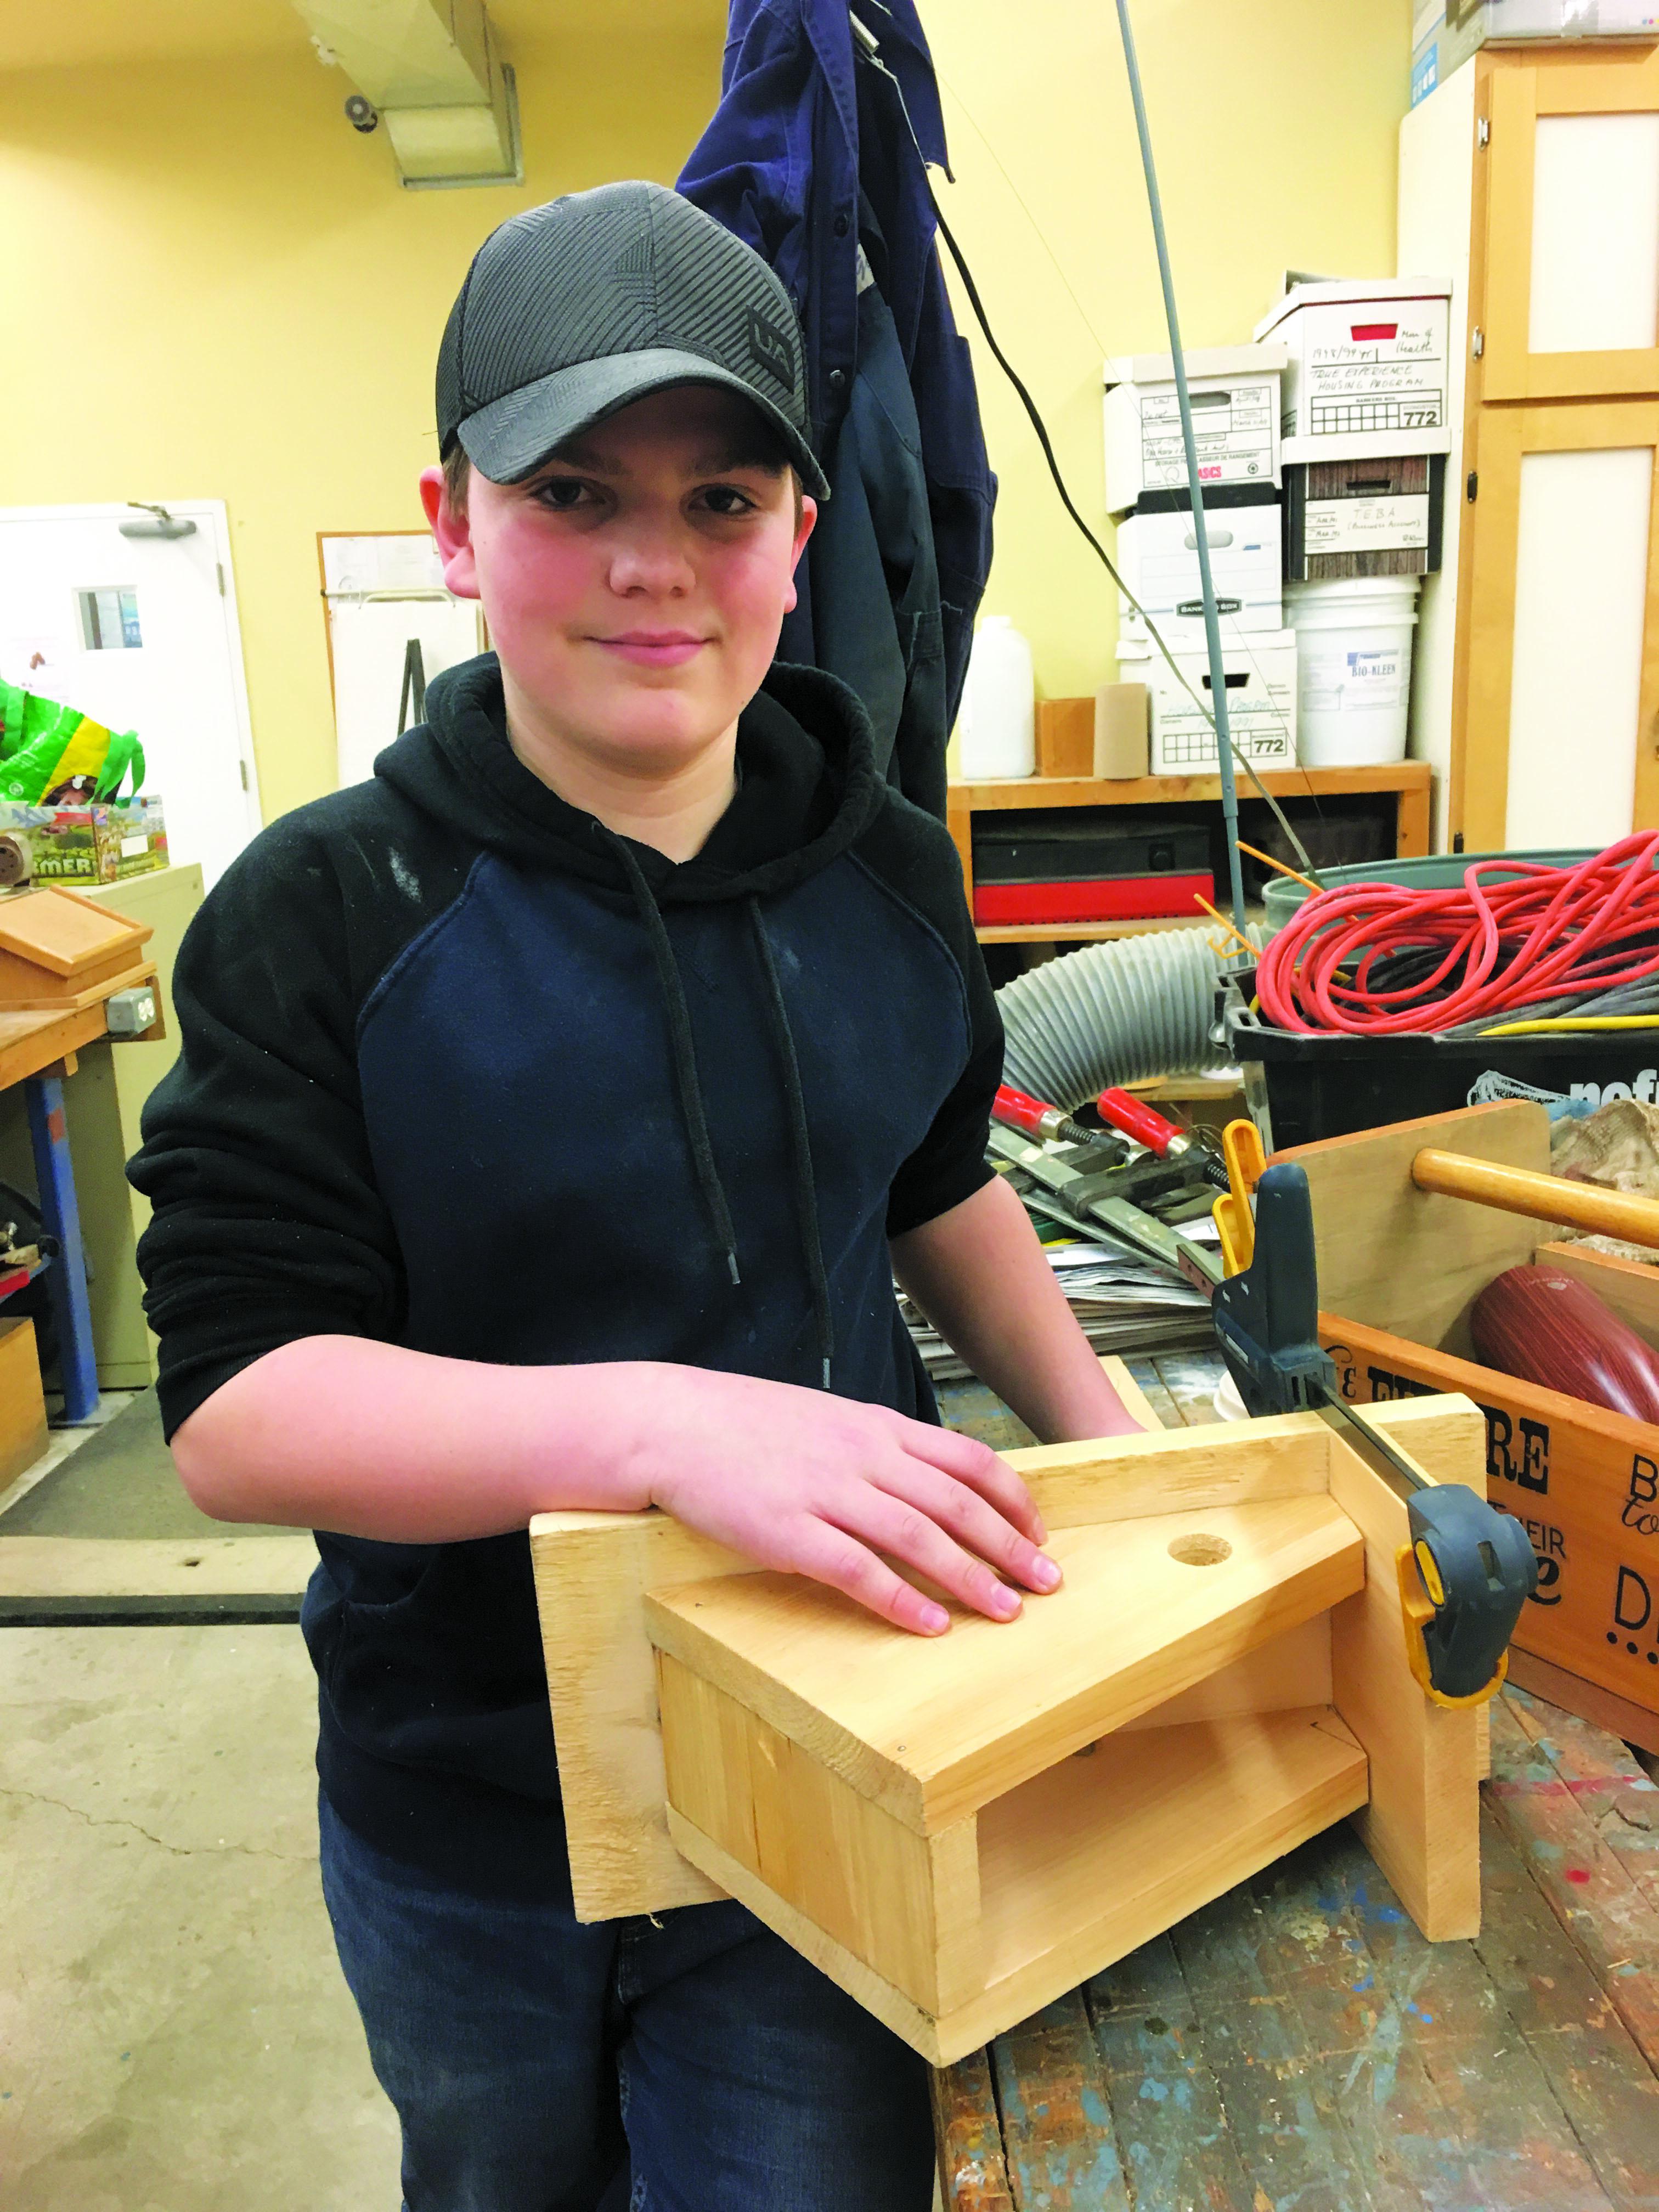 Boy with partially-built bird feeder.